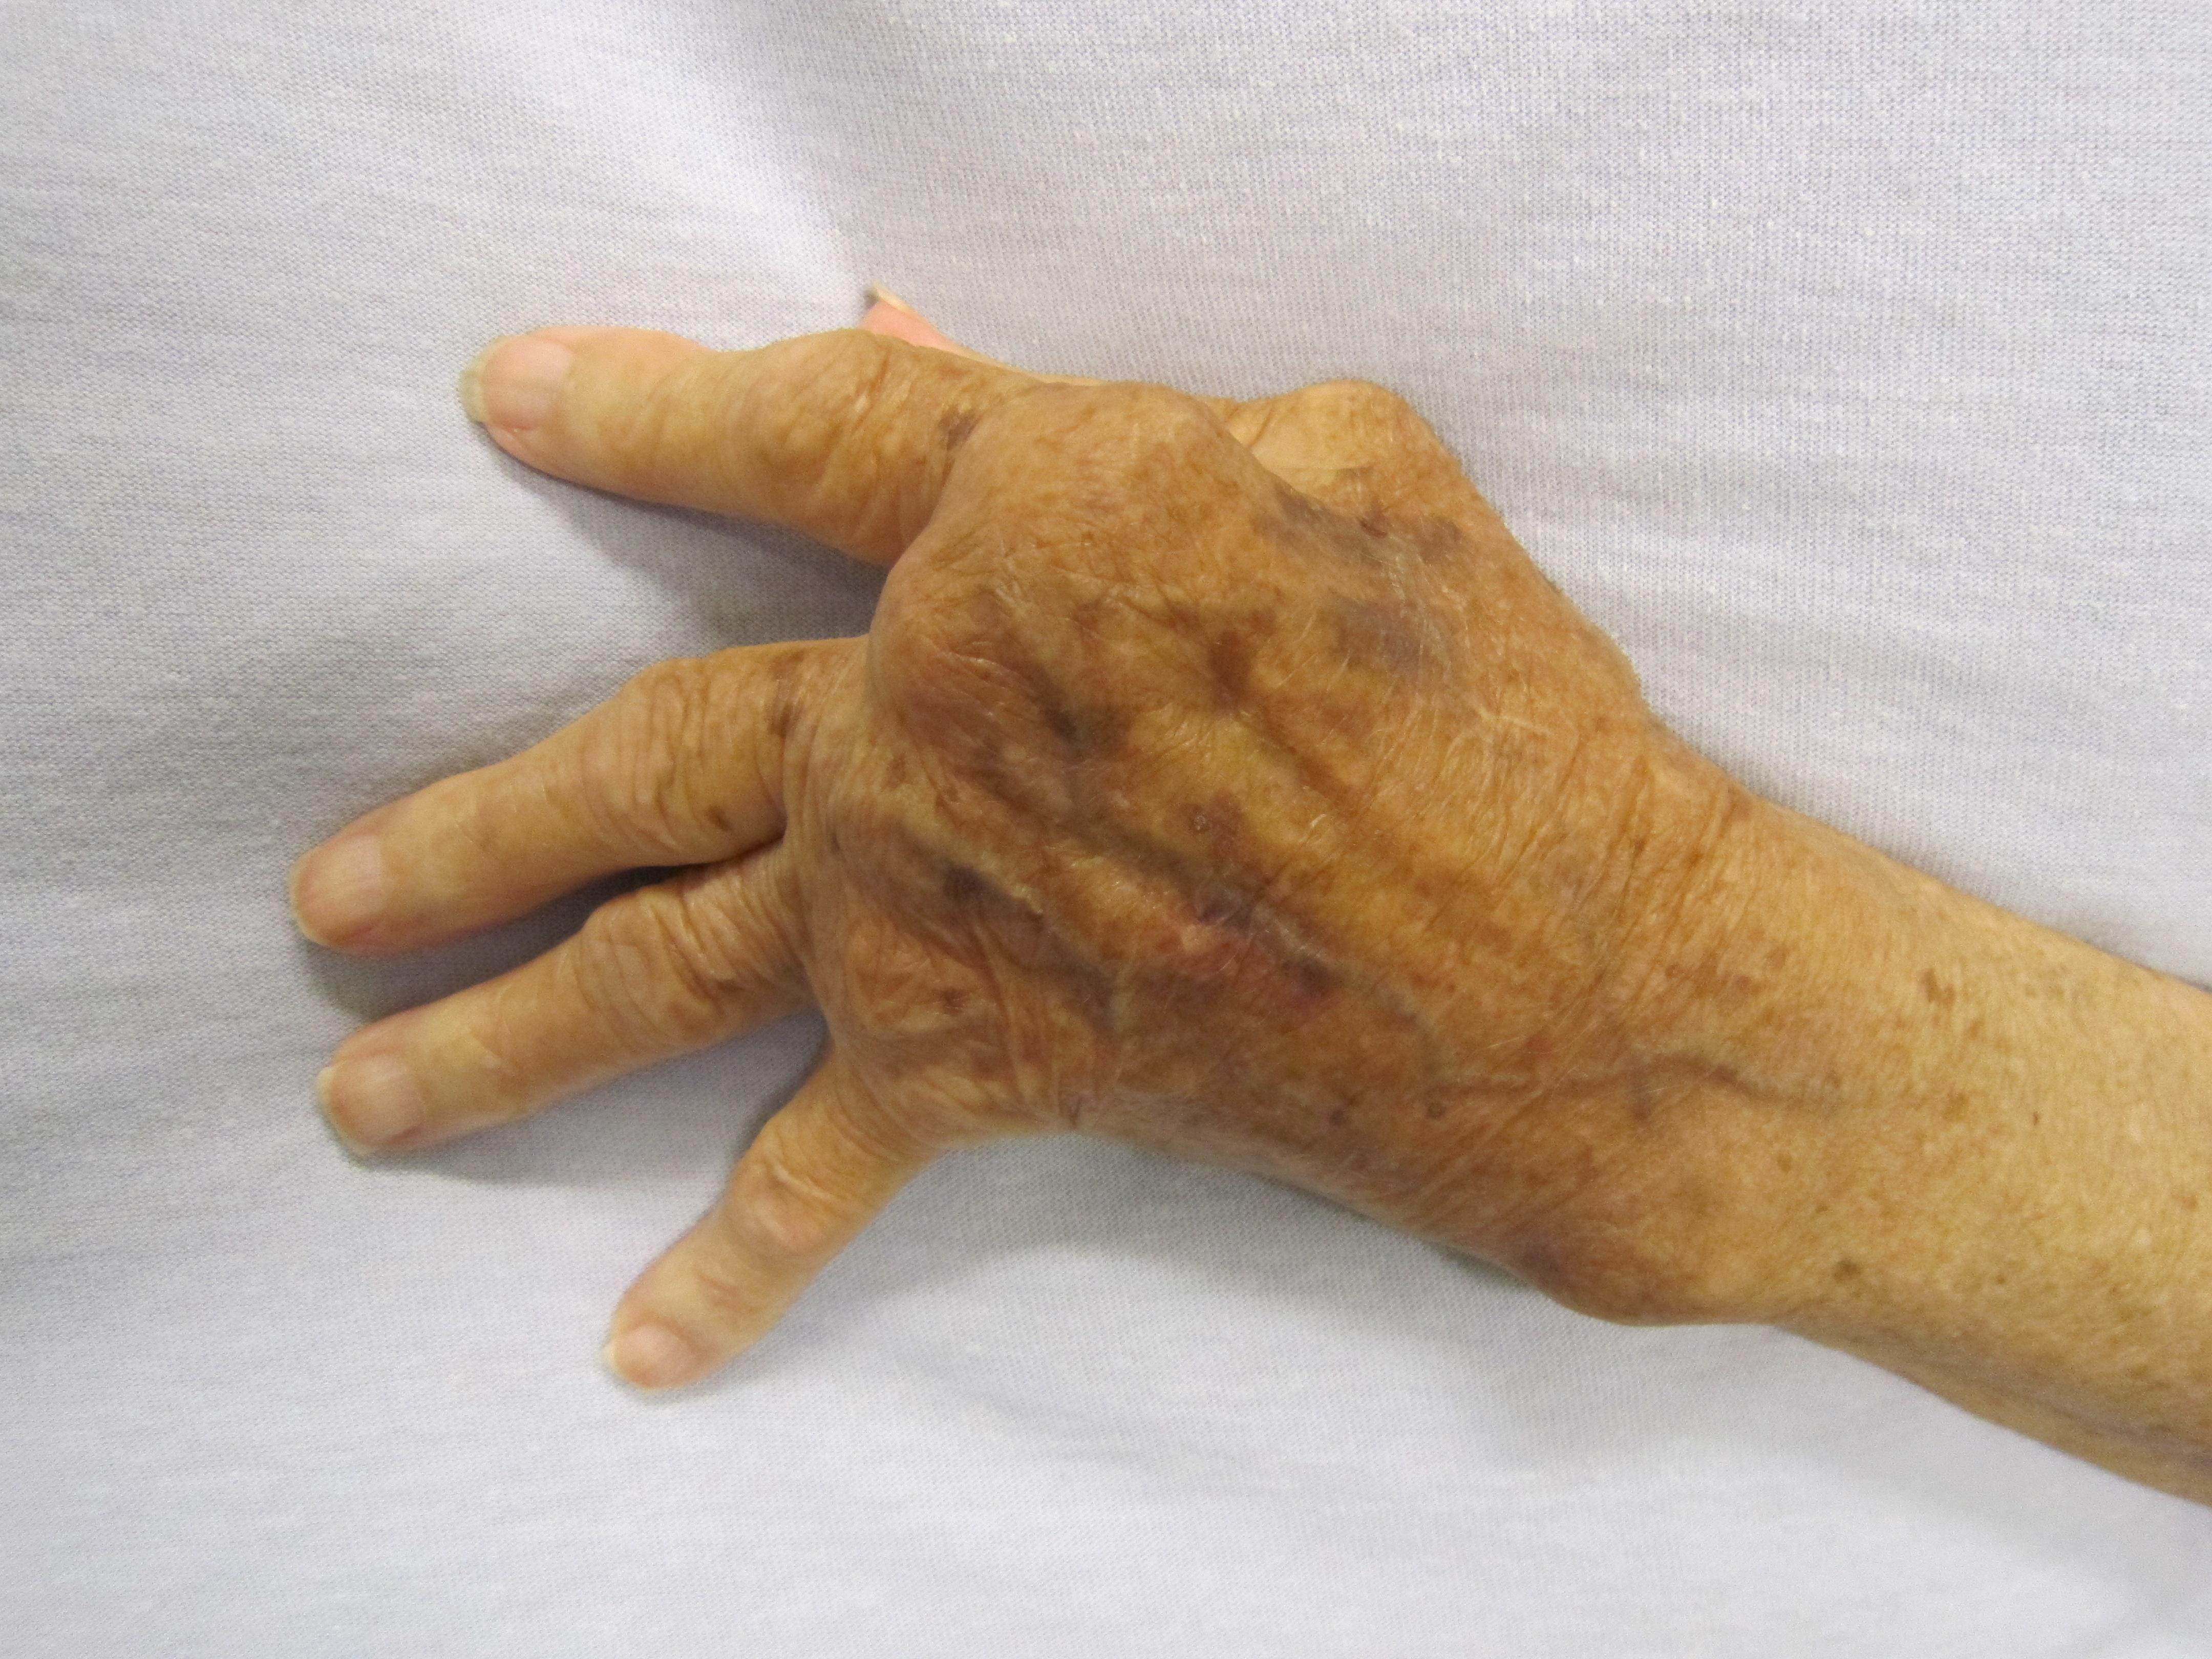 artritisz artrózis kezelés oroszországban)